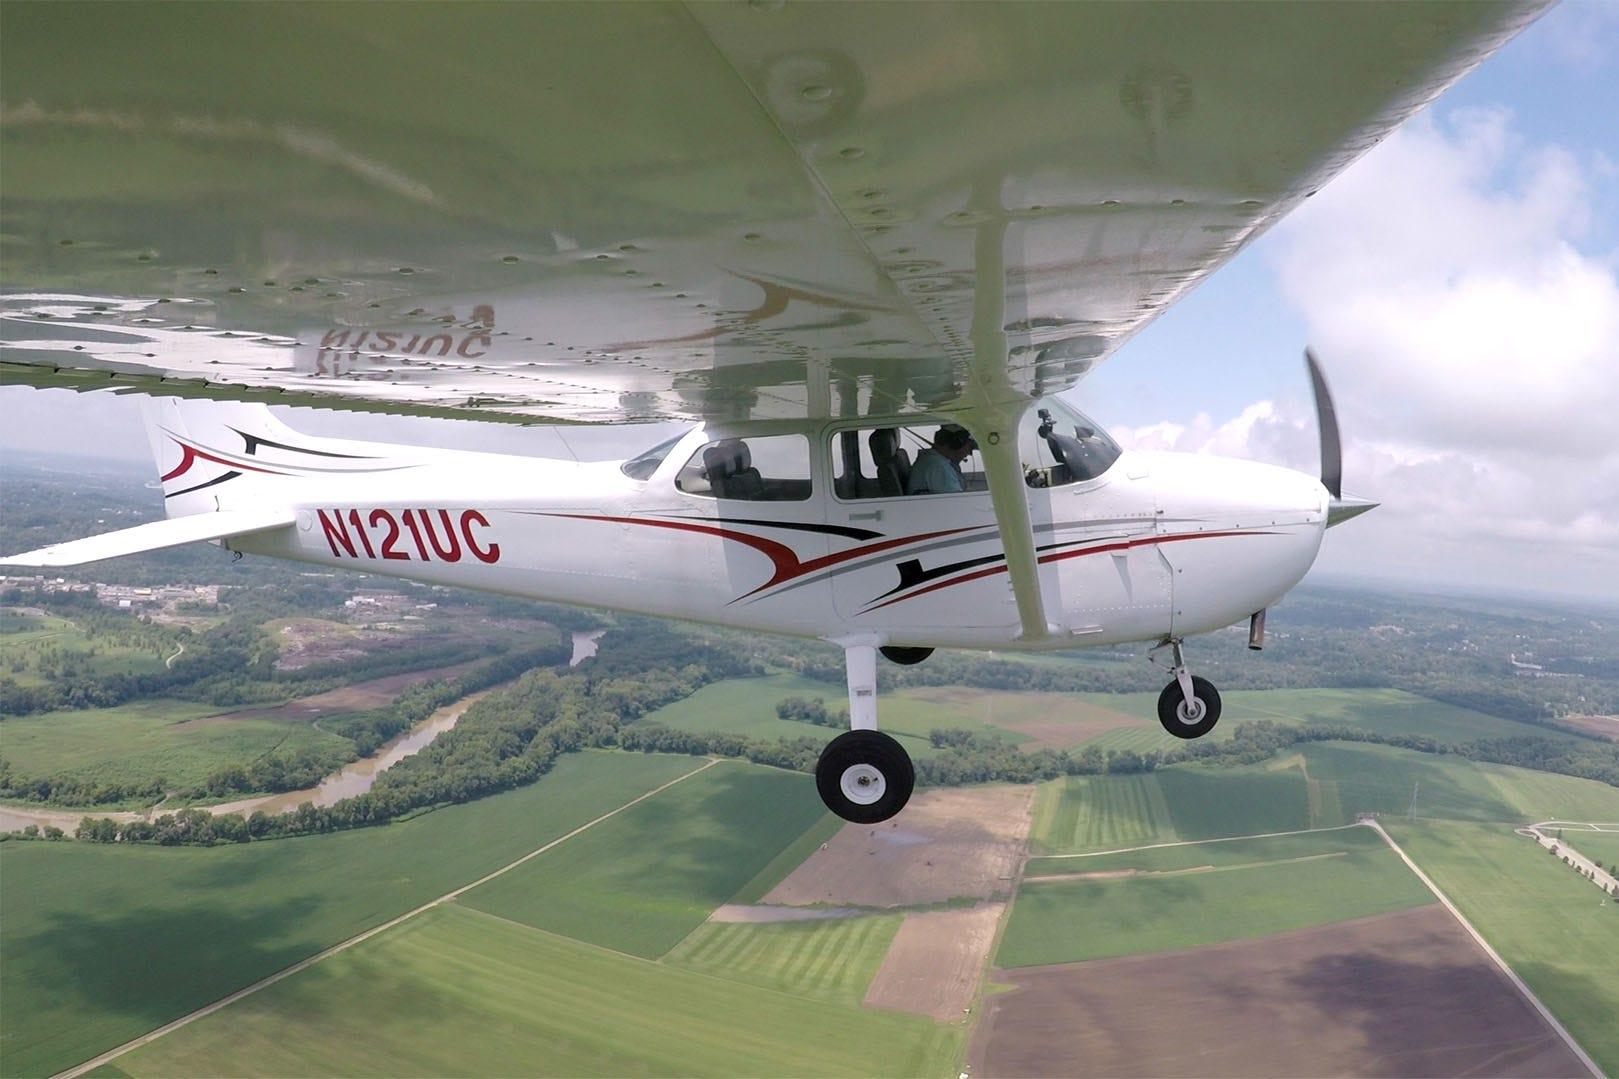 Cessna 172 wingtip